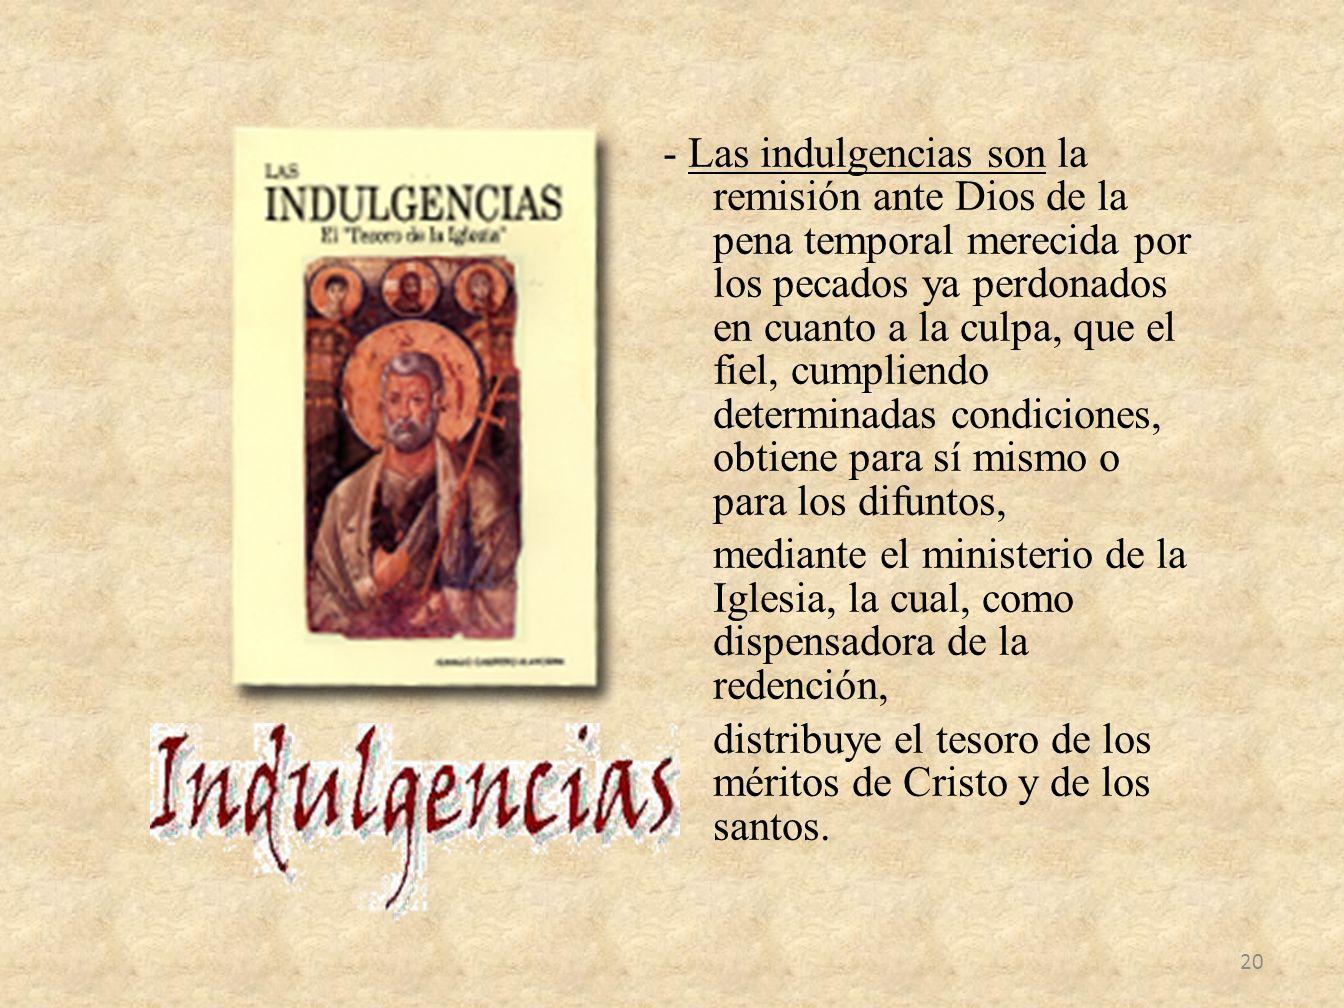 - Las indulgencias son la remisión ante Dios de la pena temporal merecida por los pecados ya perdonados en cuanto a la culpa, que el fiel, cumpliendo